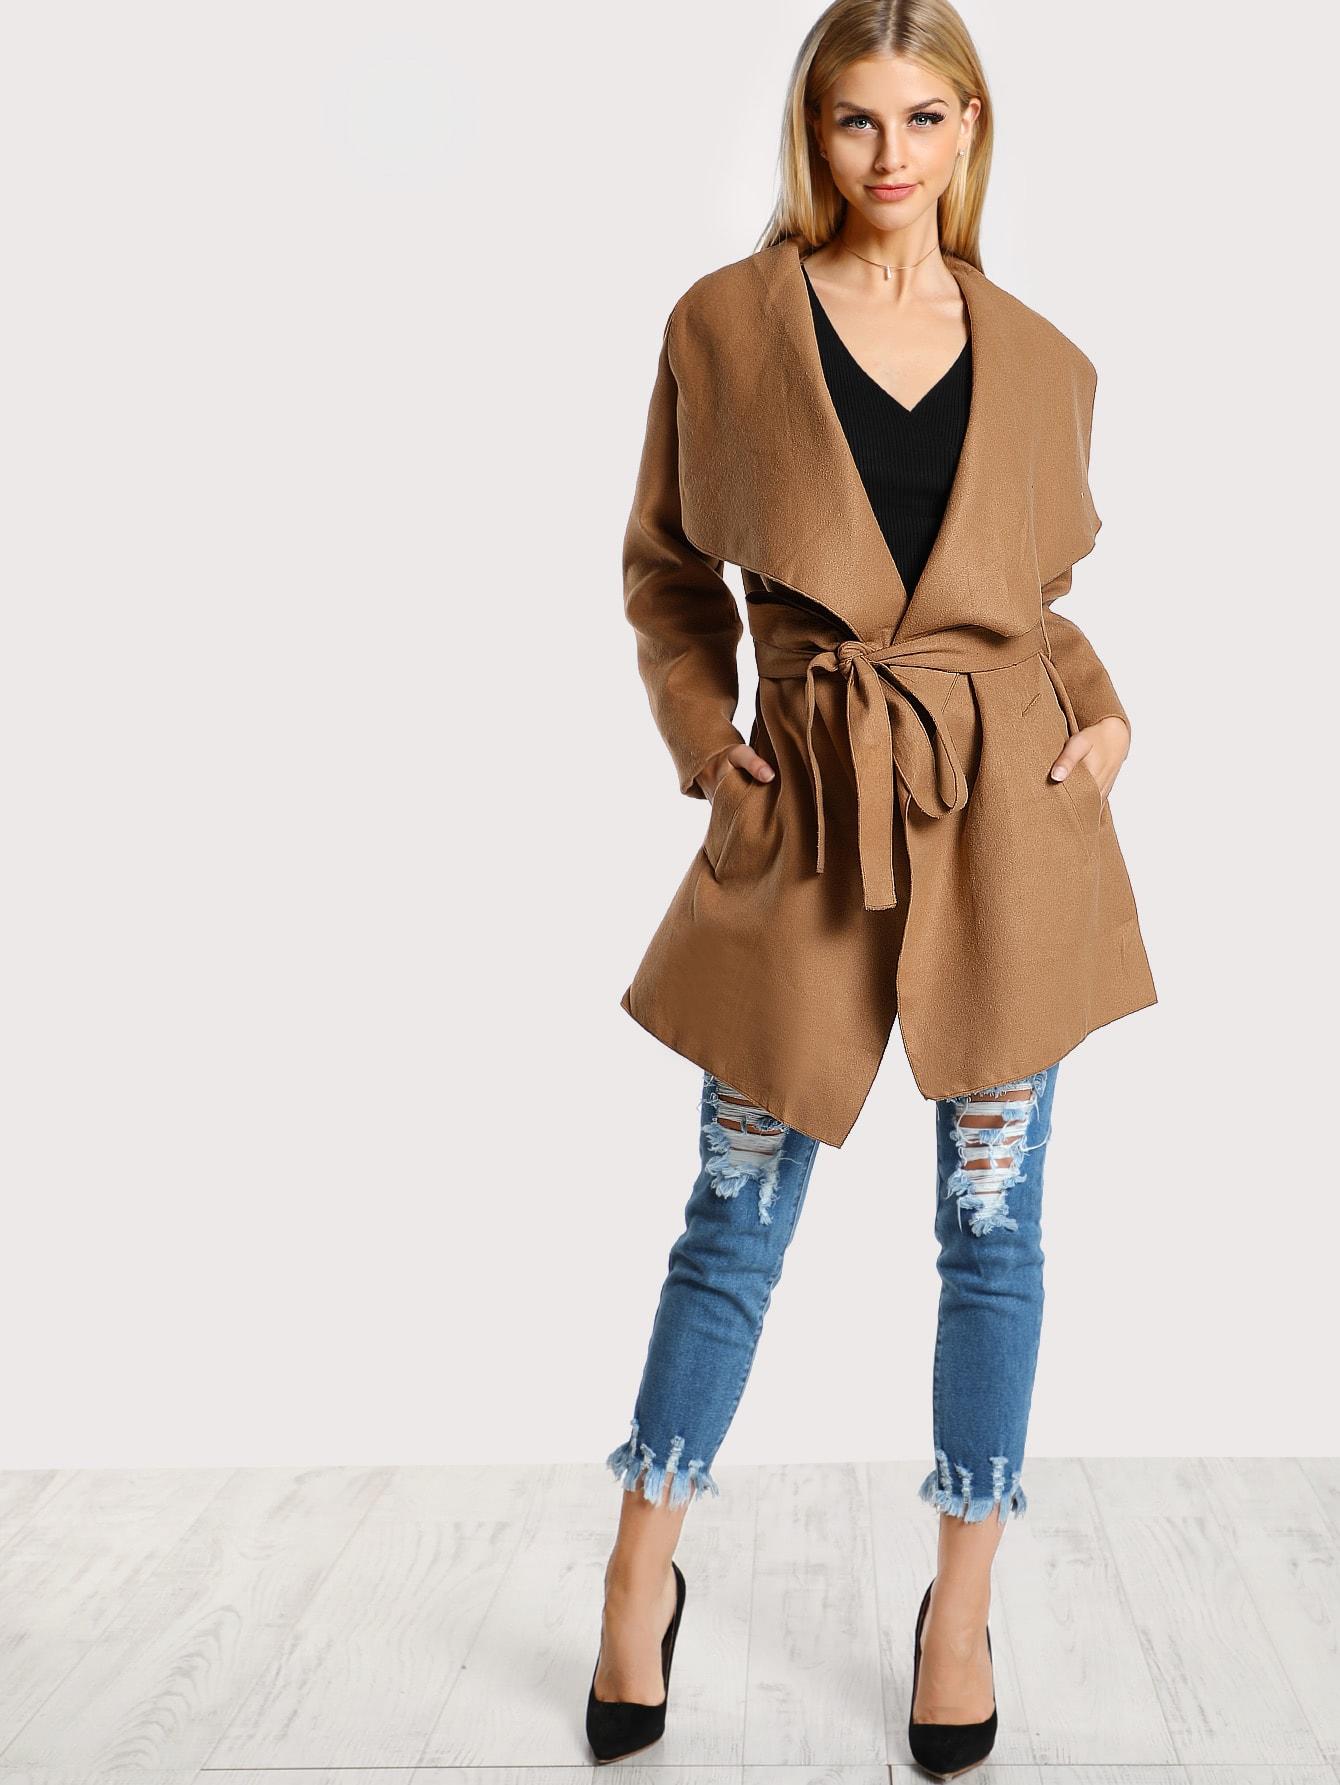 Draped Soft Knit Trench Coat draped collar sleeveless coat